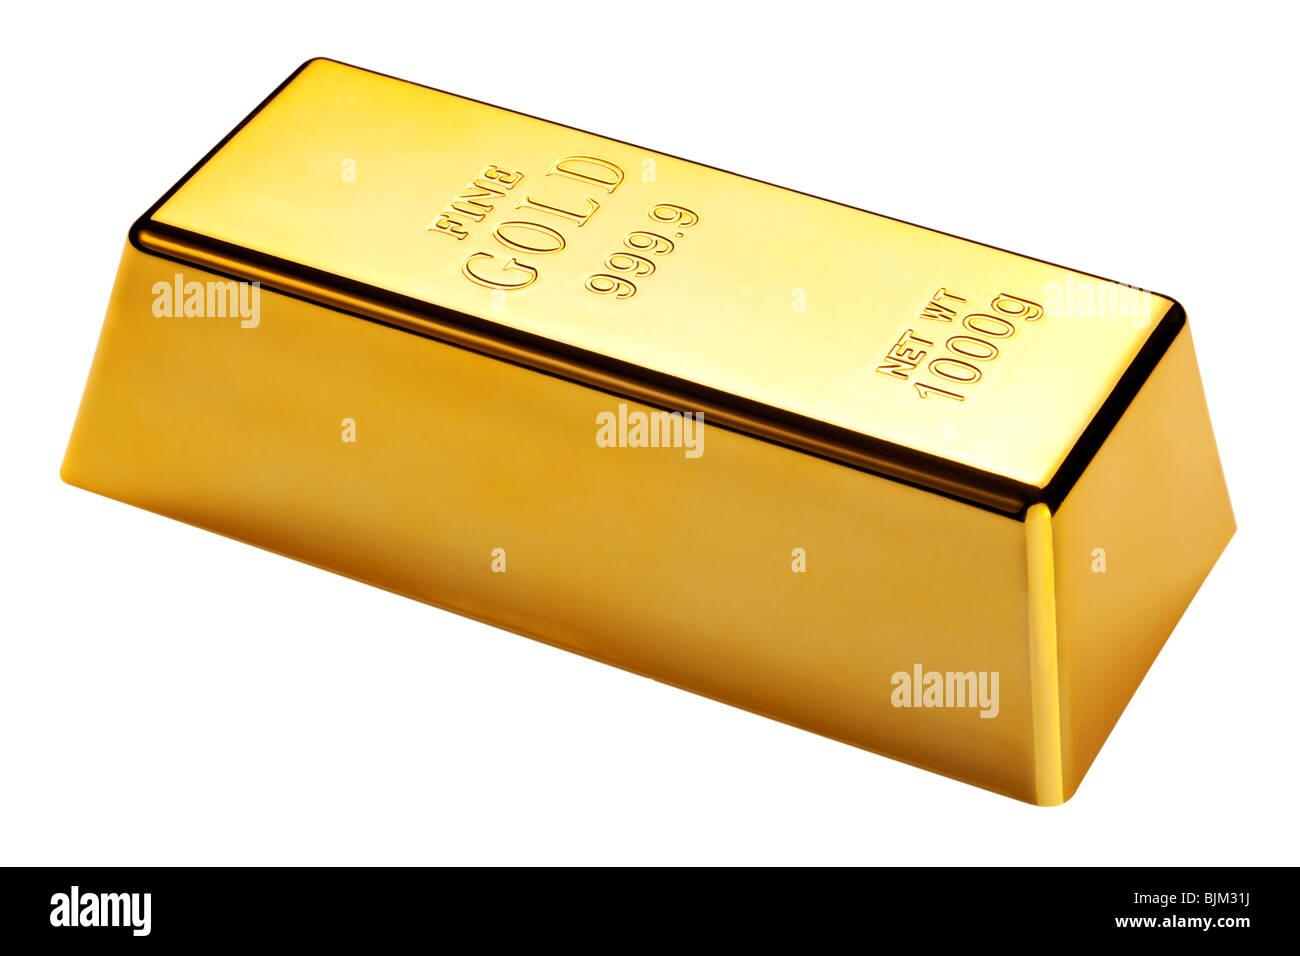 Foto von einem 1kg gold Bar isoliert auf weißem Hintergrund mit Beschneidungspfad Stockbild